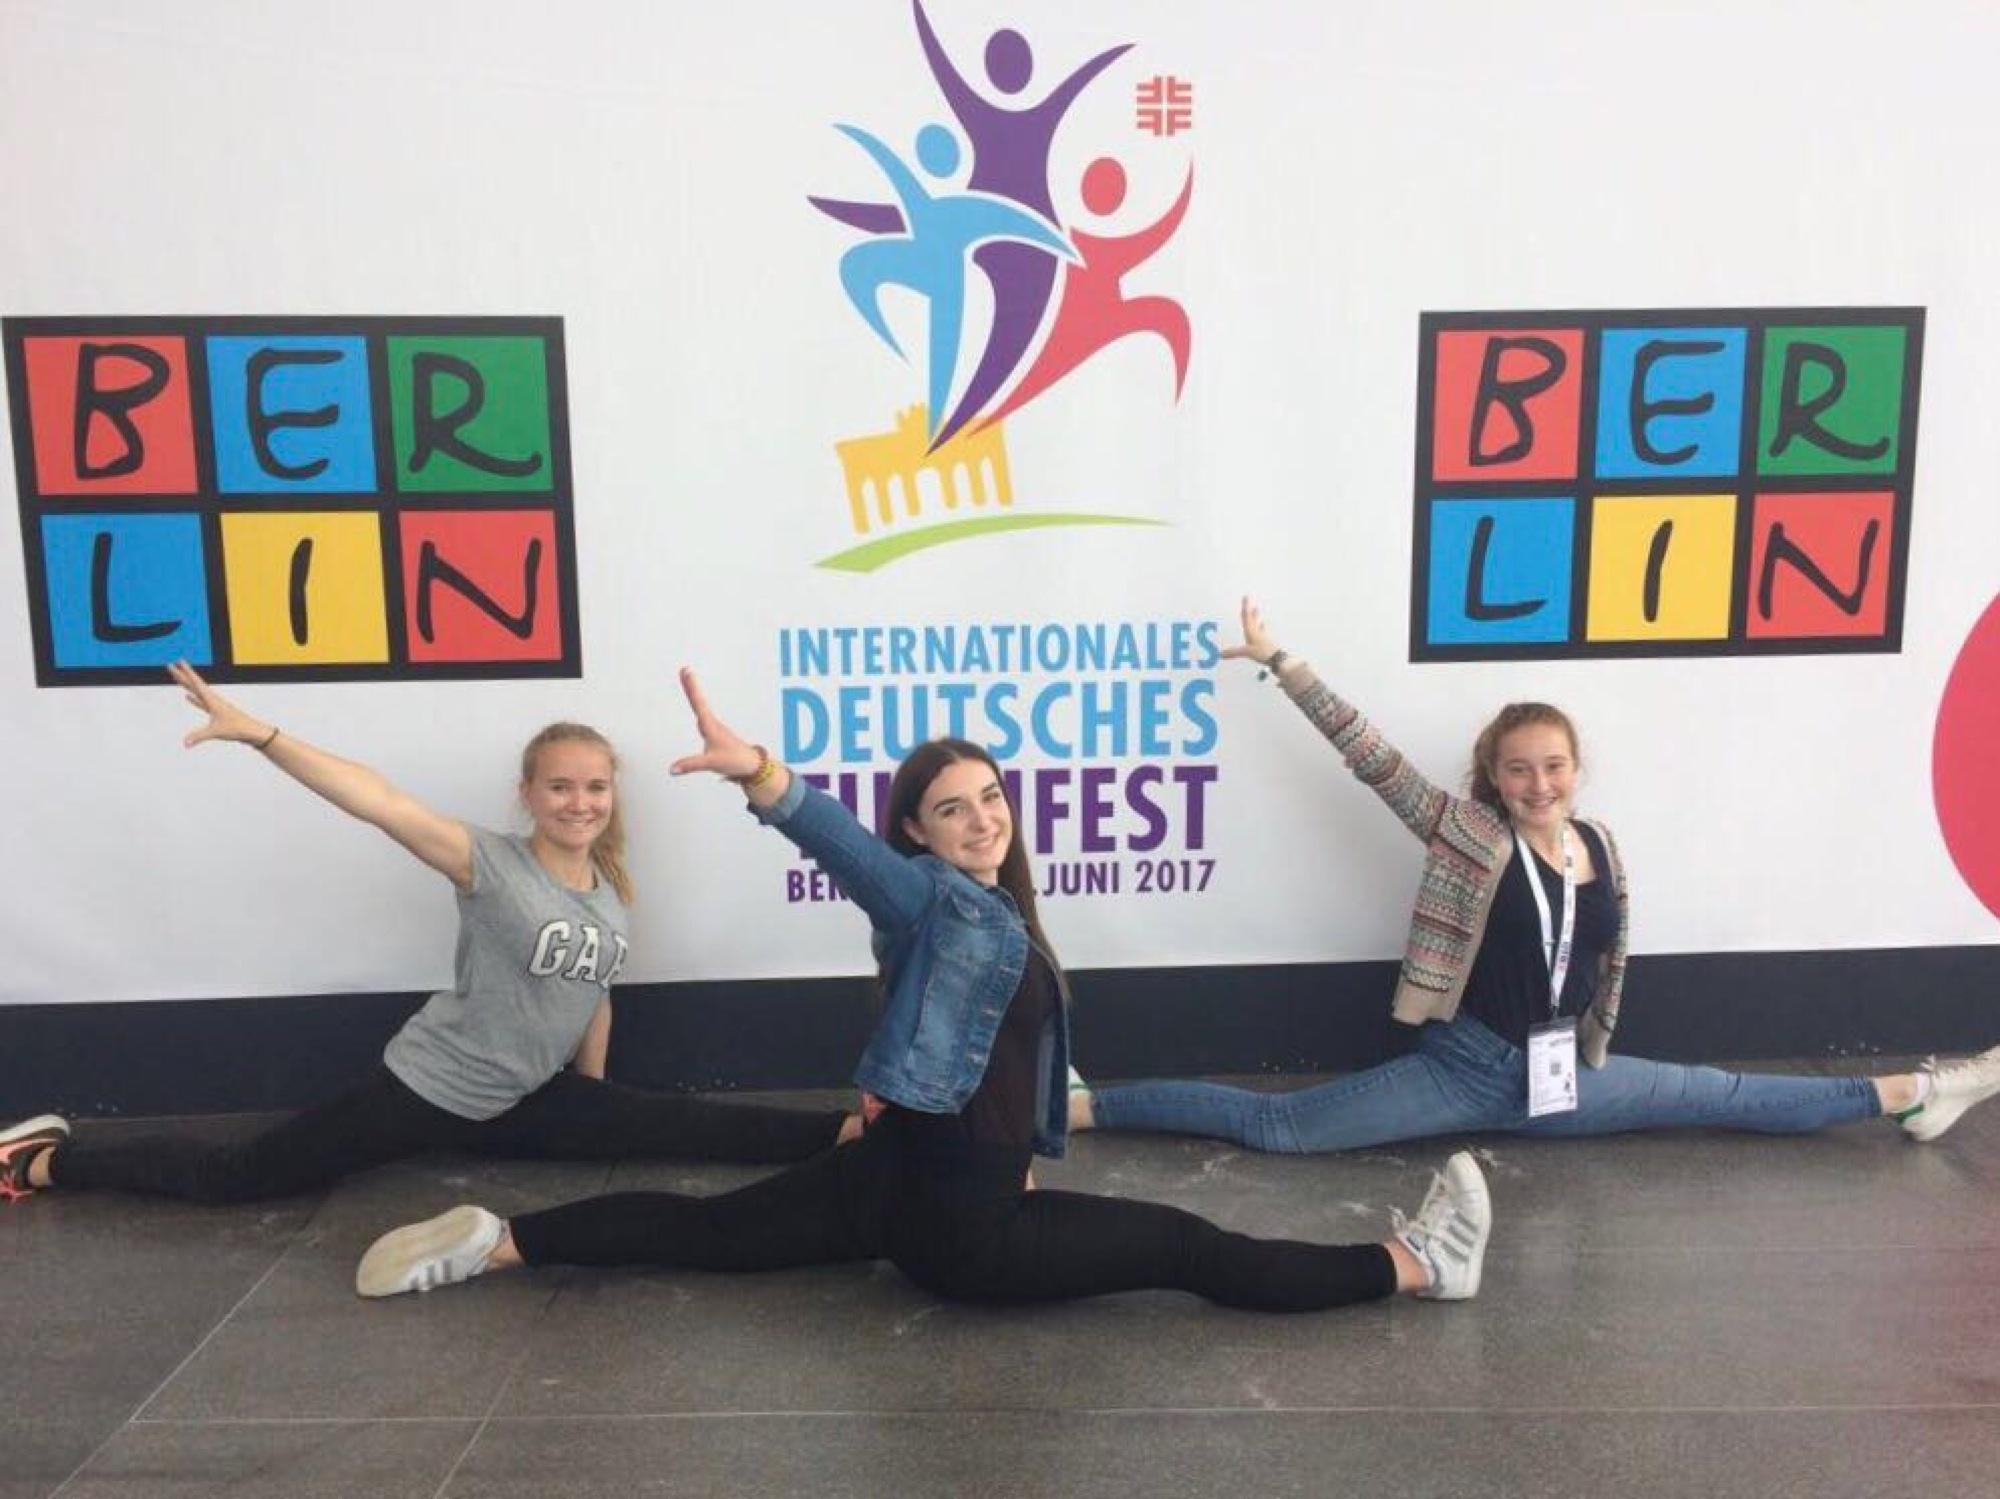 2017-7-24-9-17-39-2017-7-24-9-17-39-2017-7-24-ze-uh-ks-turnverein-uh-deutsches-turnfest-berlin-bild-1-dtf-berlin-2017-spagat